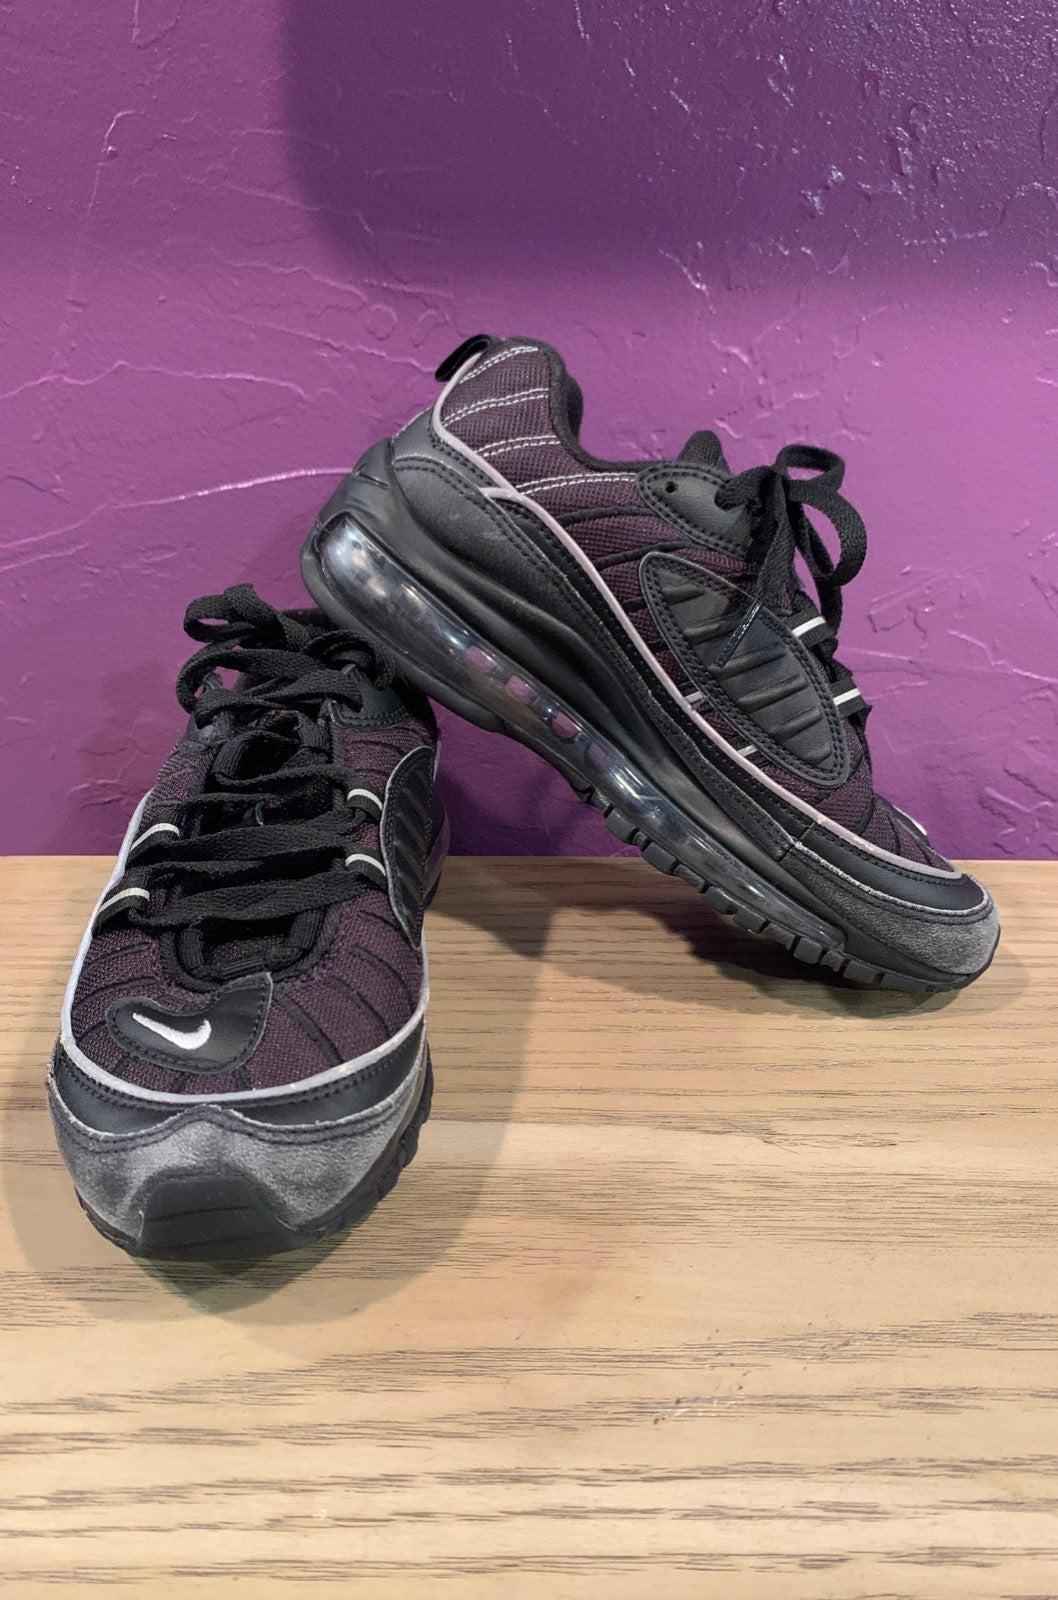 Kids Nike Air Max 97 4y Black